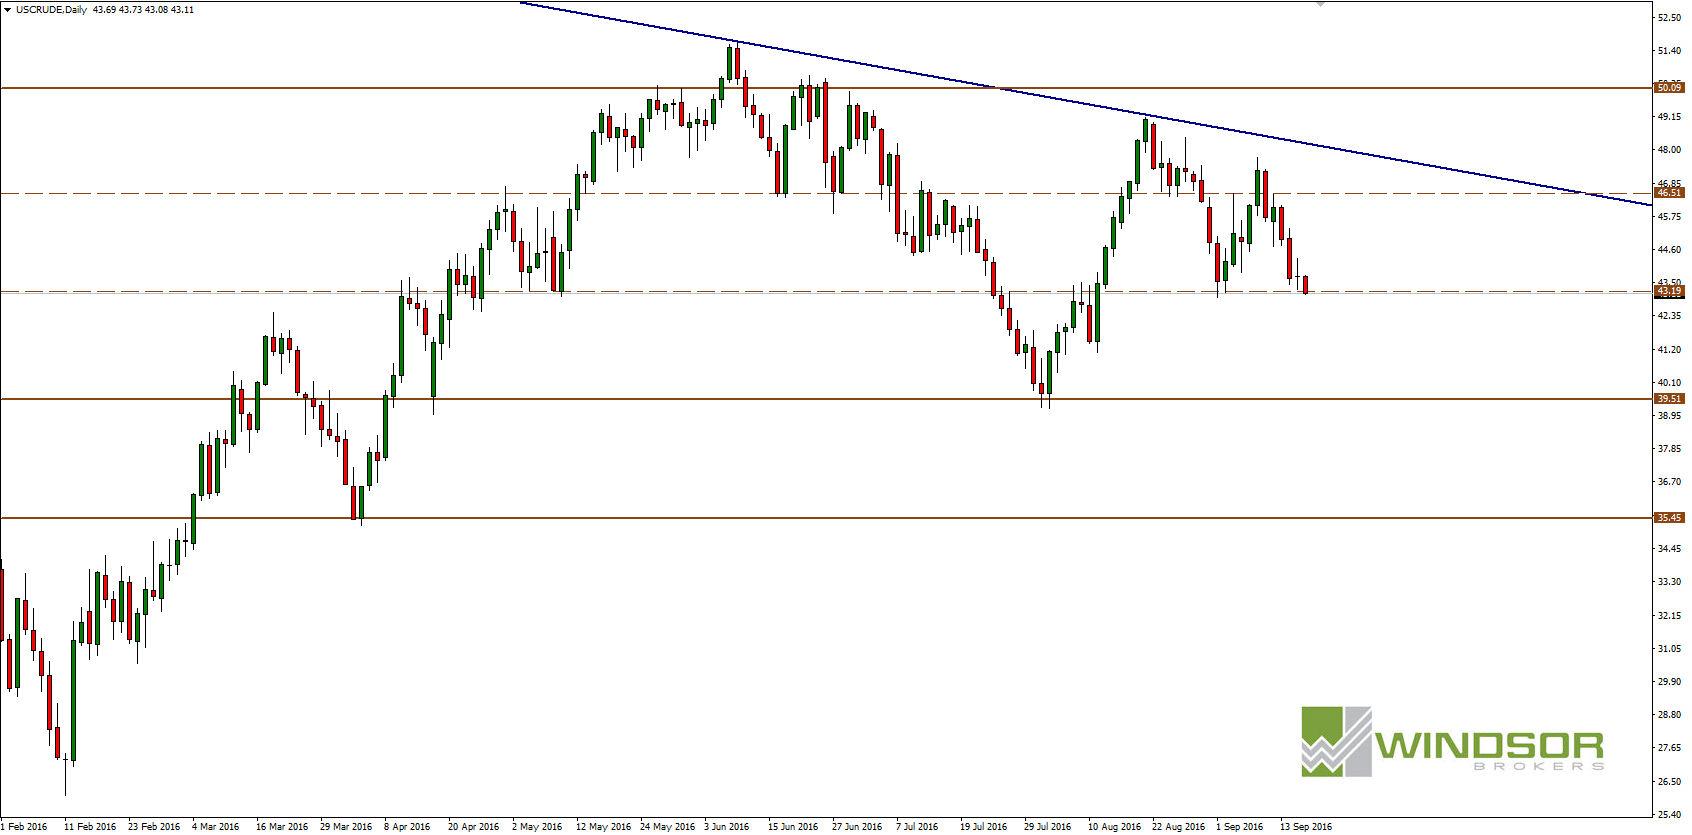 Wykres OIL Crude dla interwału D1.